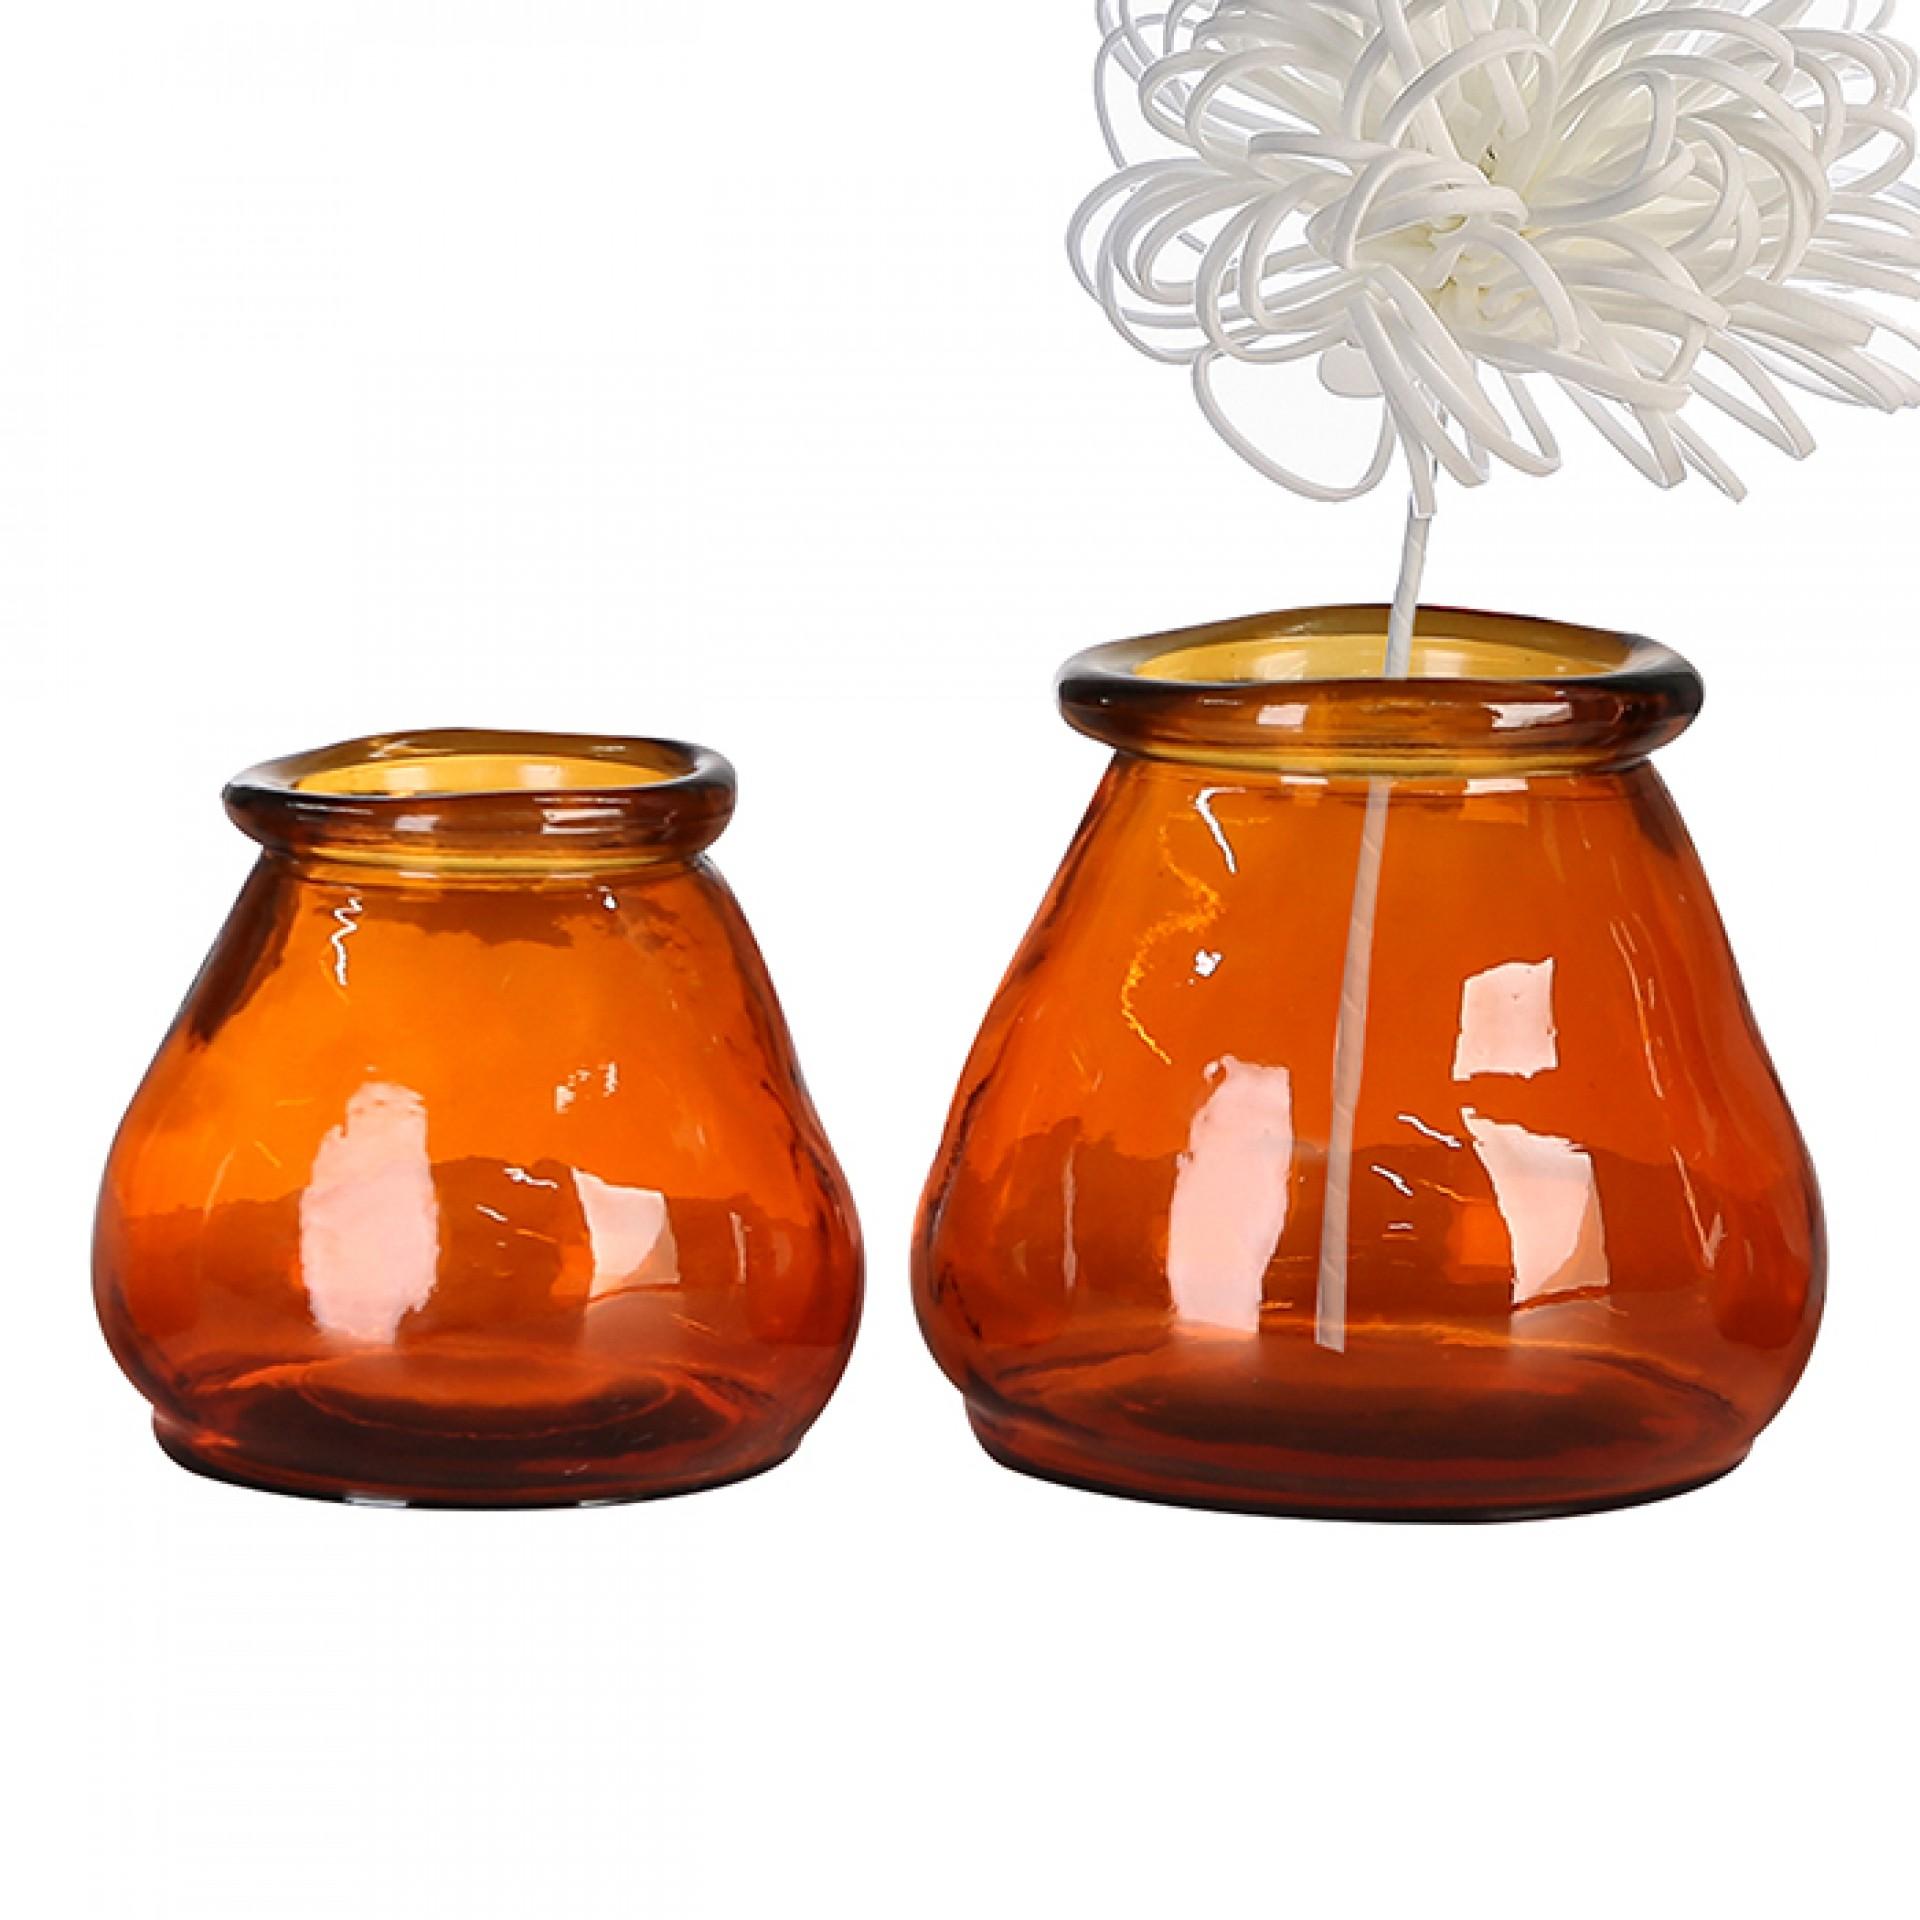 Čajový svícen z recyklovaného skla Gerona, 12 cm, oranžová